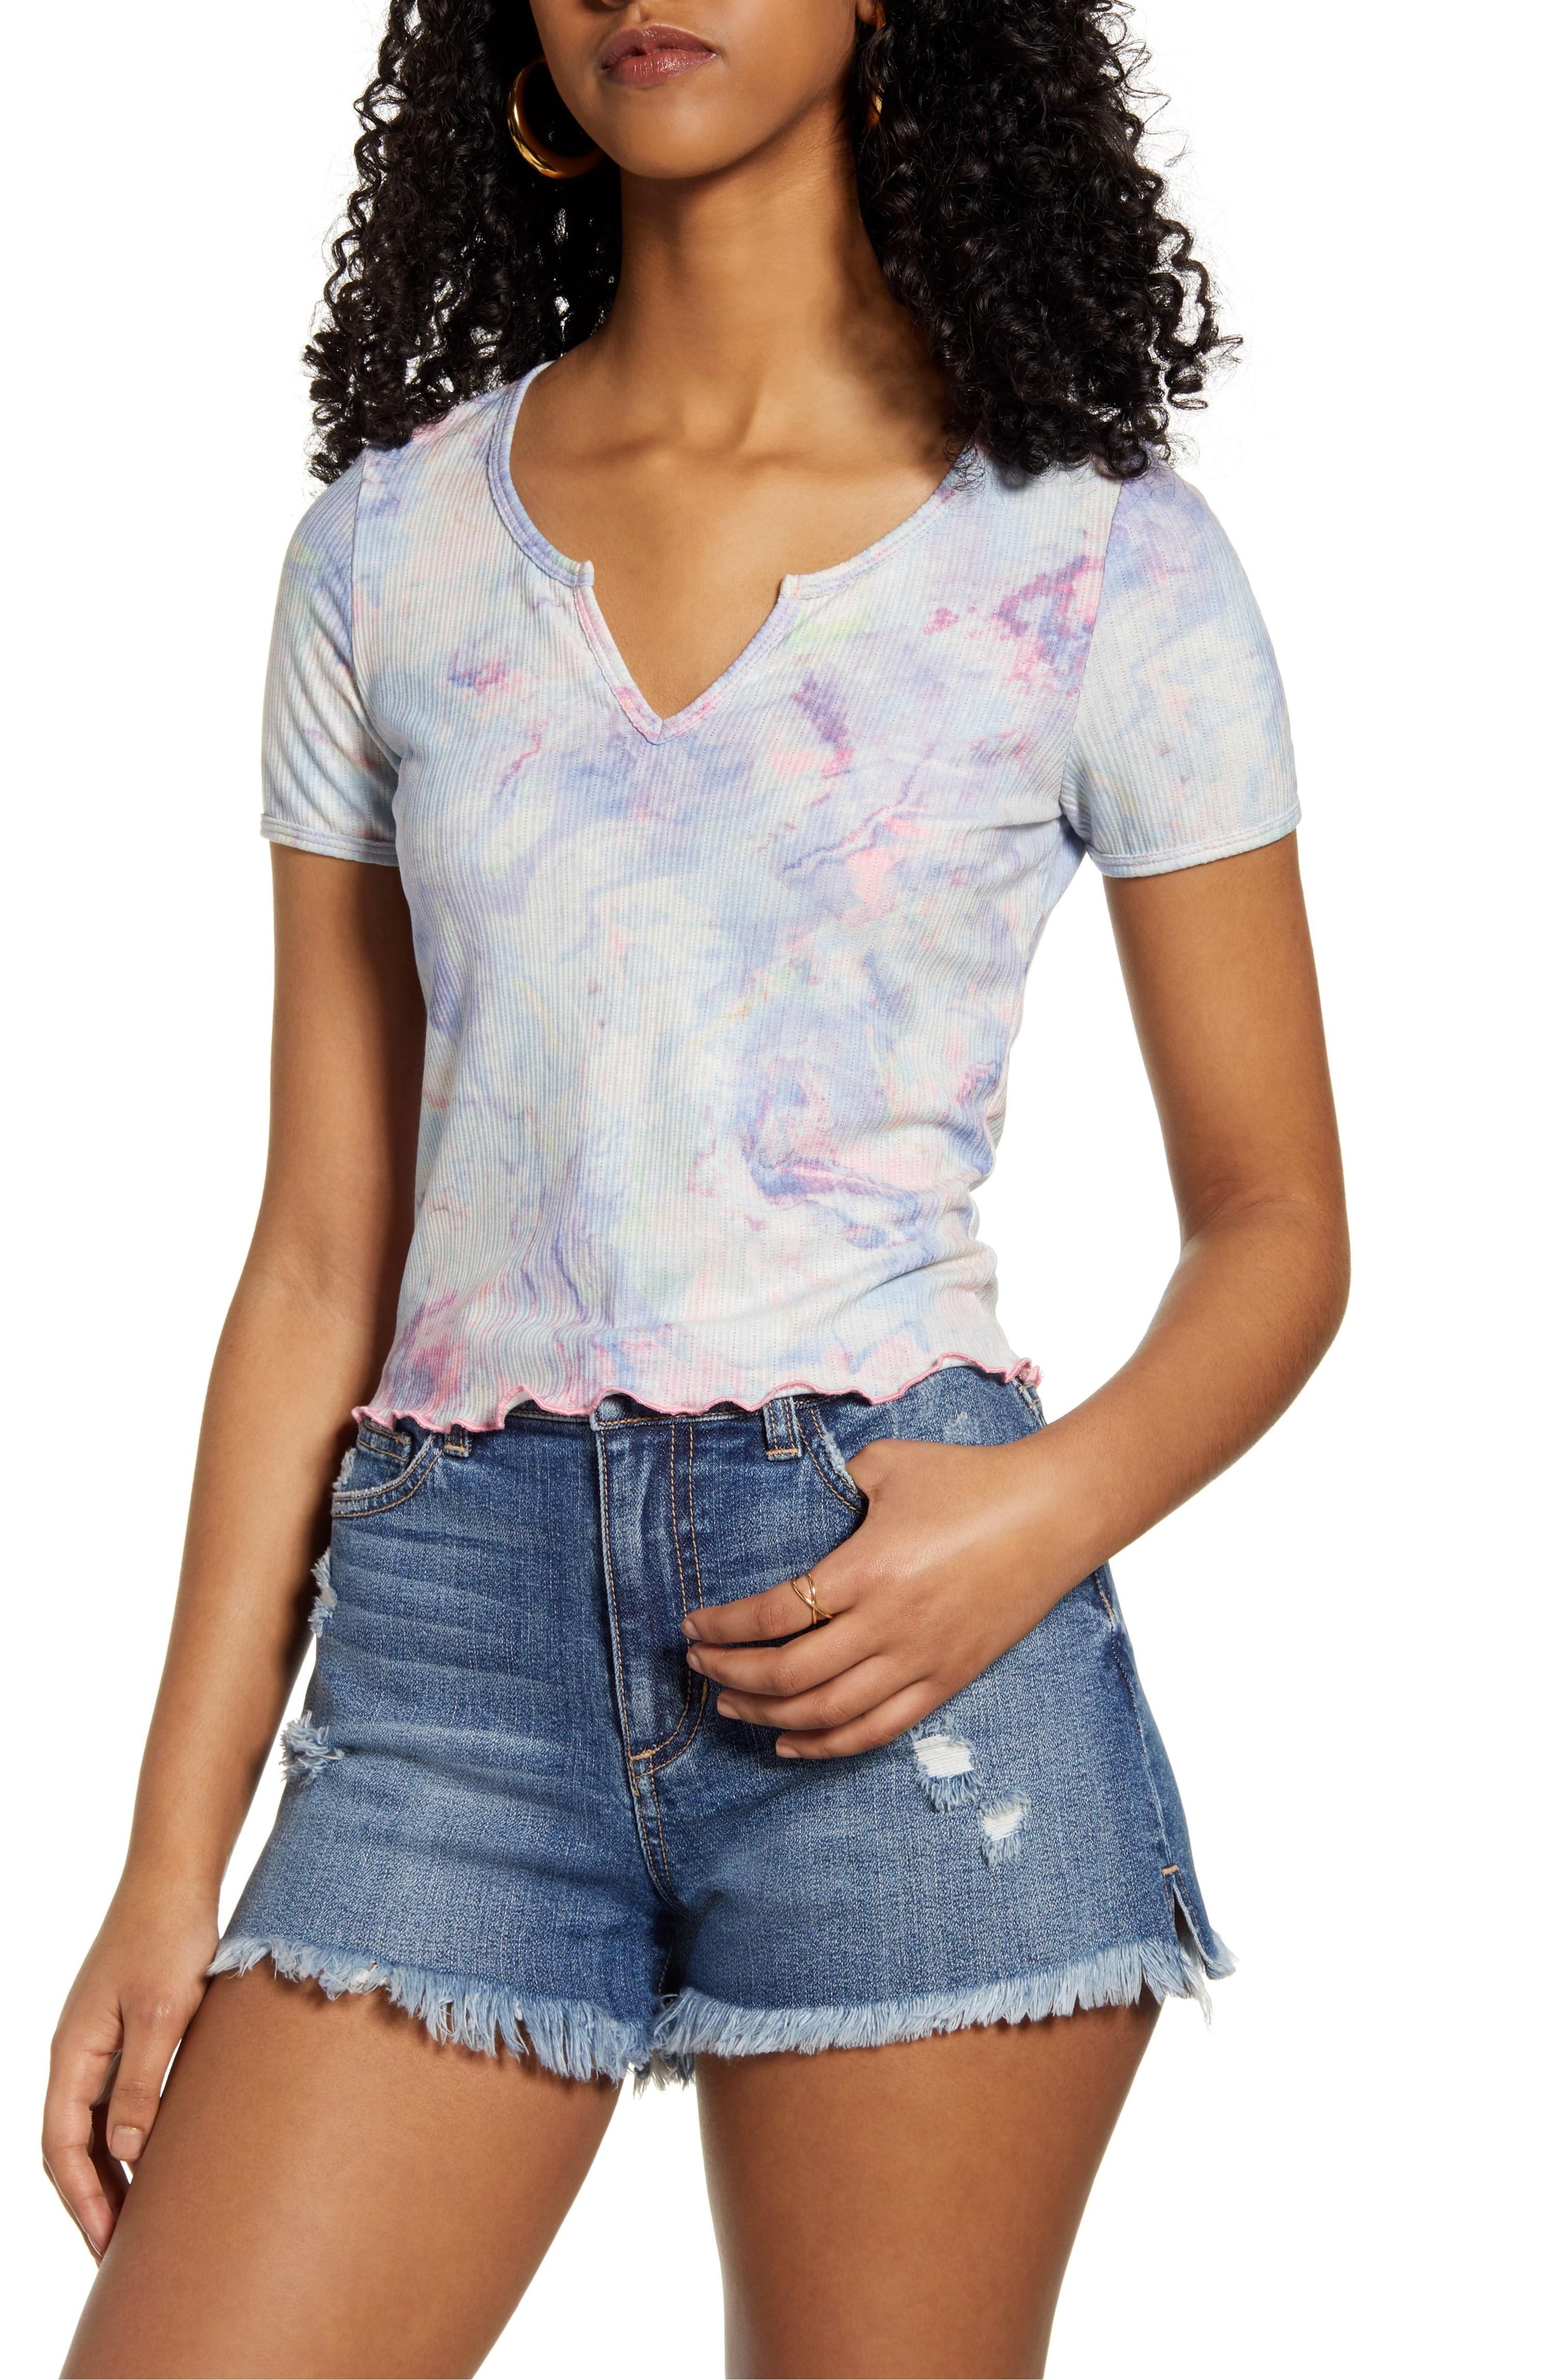 model wearing tie dye tee